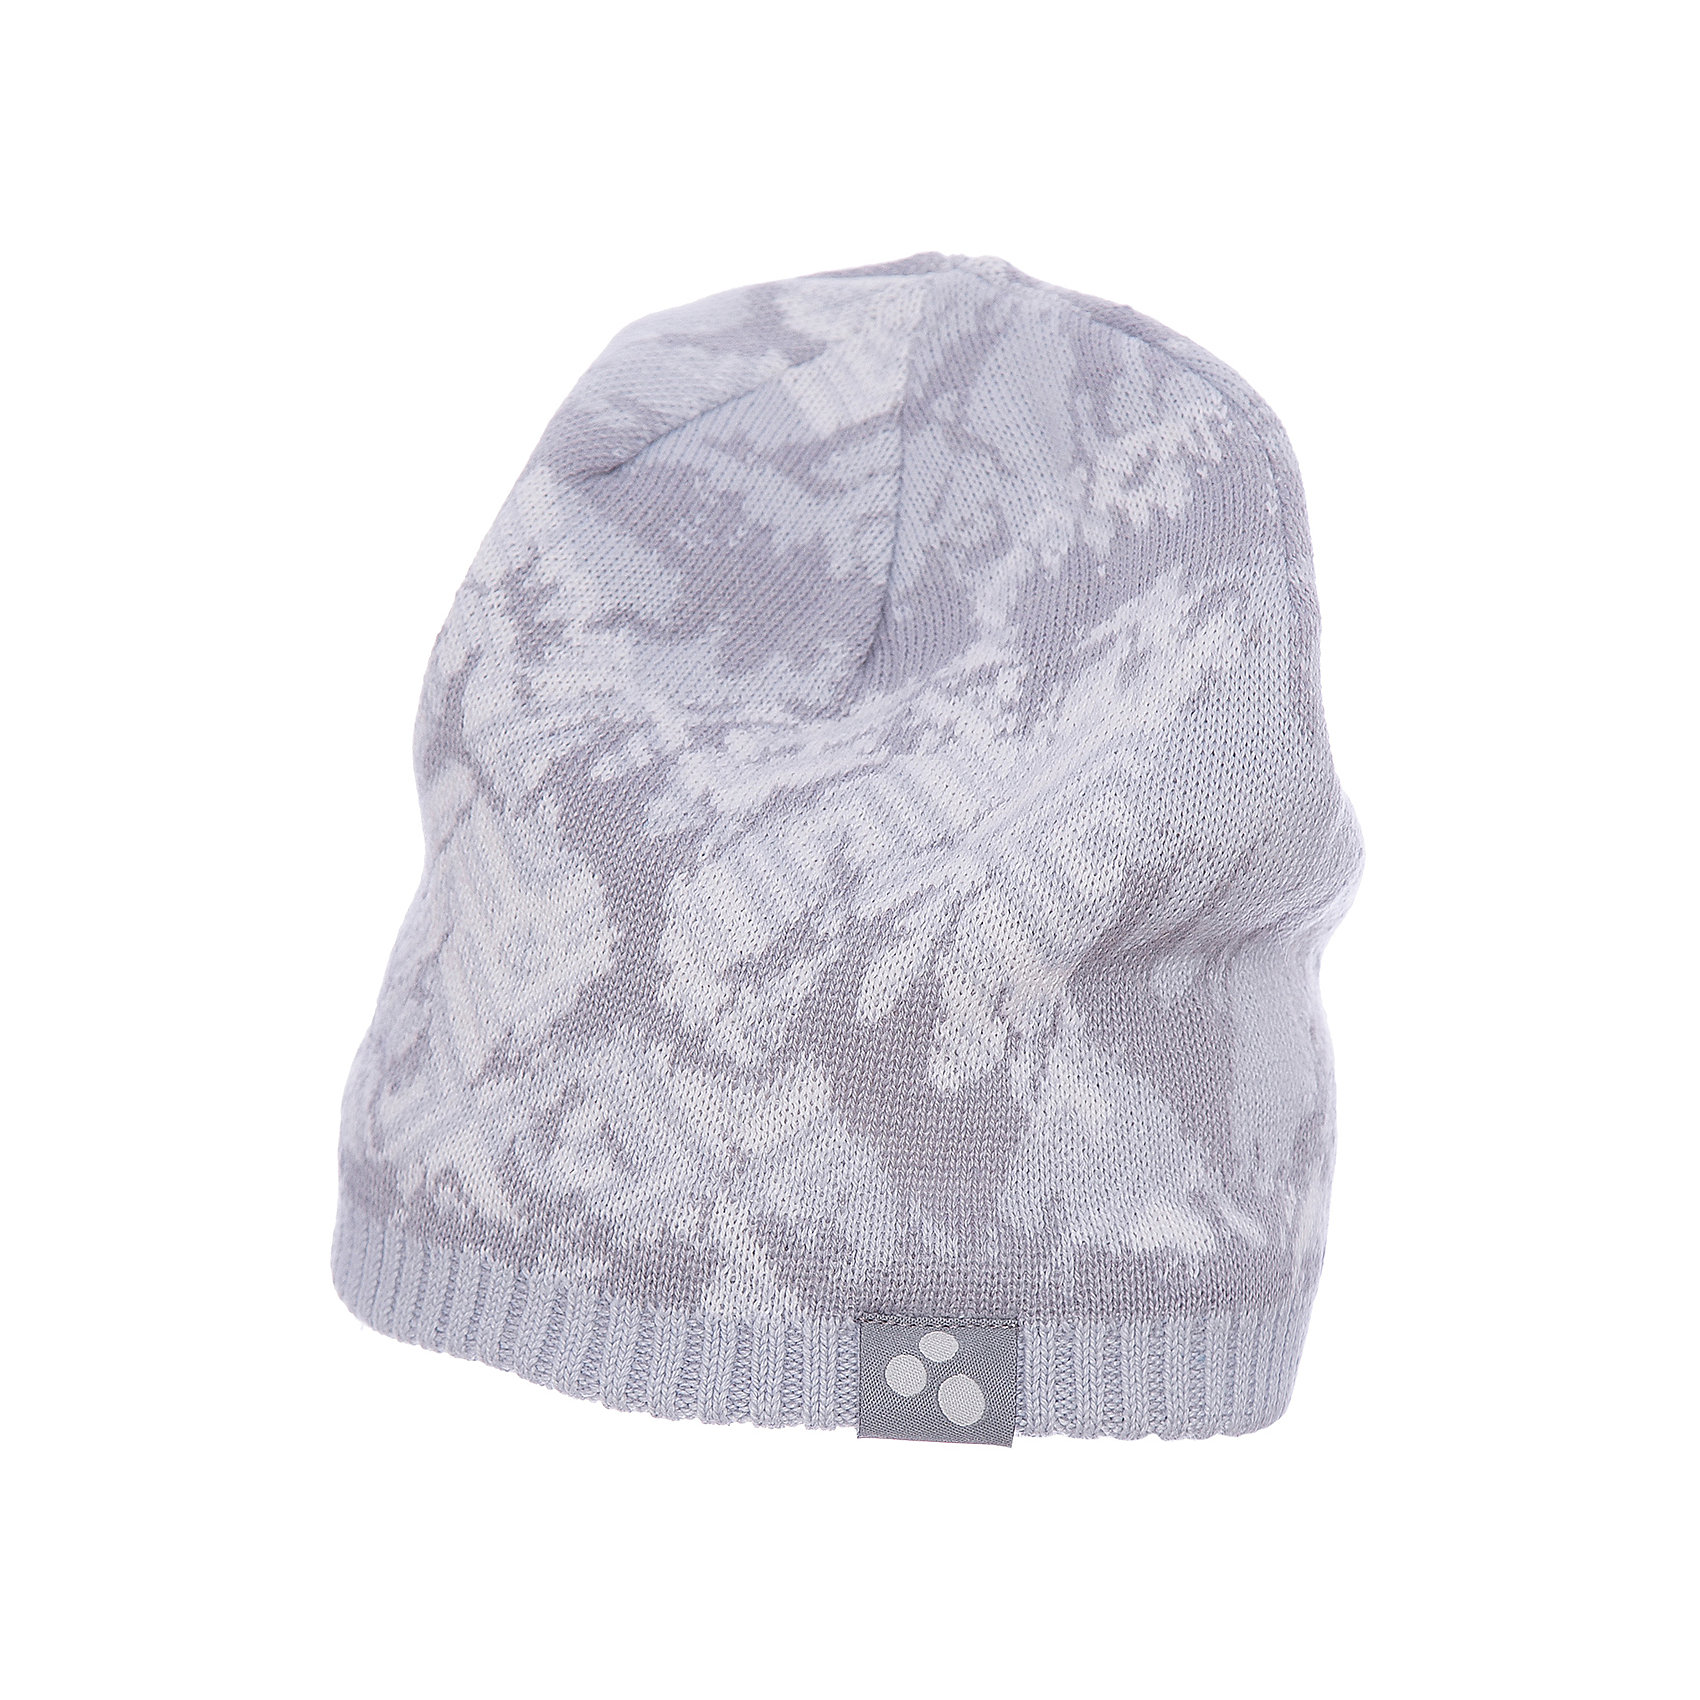 Шапка MOUNT HuppaЗимние<br>Вязаная детская шапка MOUNT.Теплая яркая вязанная шапочка на мягкой хлопковой подкладке , прекрассно подойдет для повседневных прогулок в холодную погоду.<br>Состав:<br>50% мерс.шерсть, 50% акрил<br><br>Ширина мм: 89<br>Глубина мм: 117<br>Высота мм: 44<br>Вес г: 155<br>Цвет: белый<br>Возраст от месяцев: 12<br>Возраст до месяцев: 24<br>Пол: Унисекс<br>Возраст: Детский<br>Размер: 47-49,57-59,55-57,51-53<br>SKU: 7029456